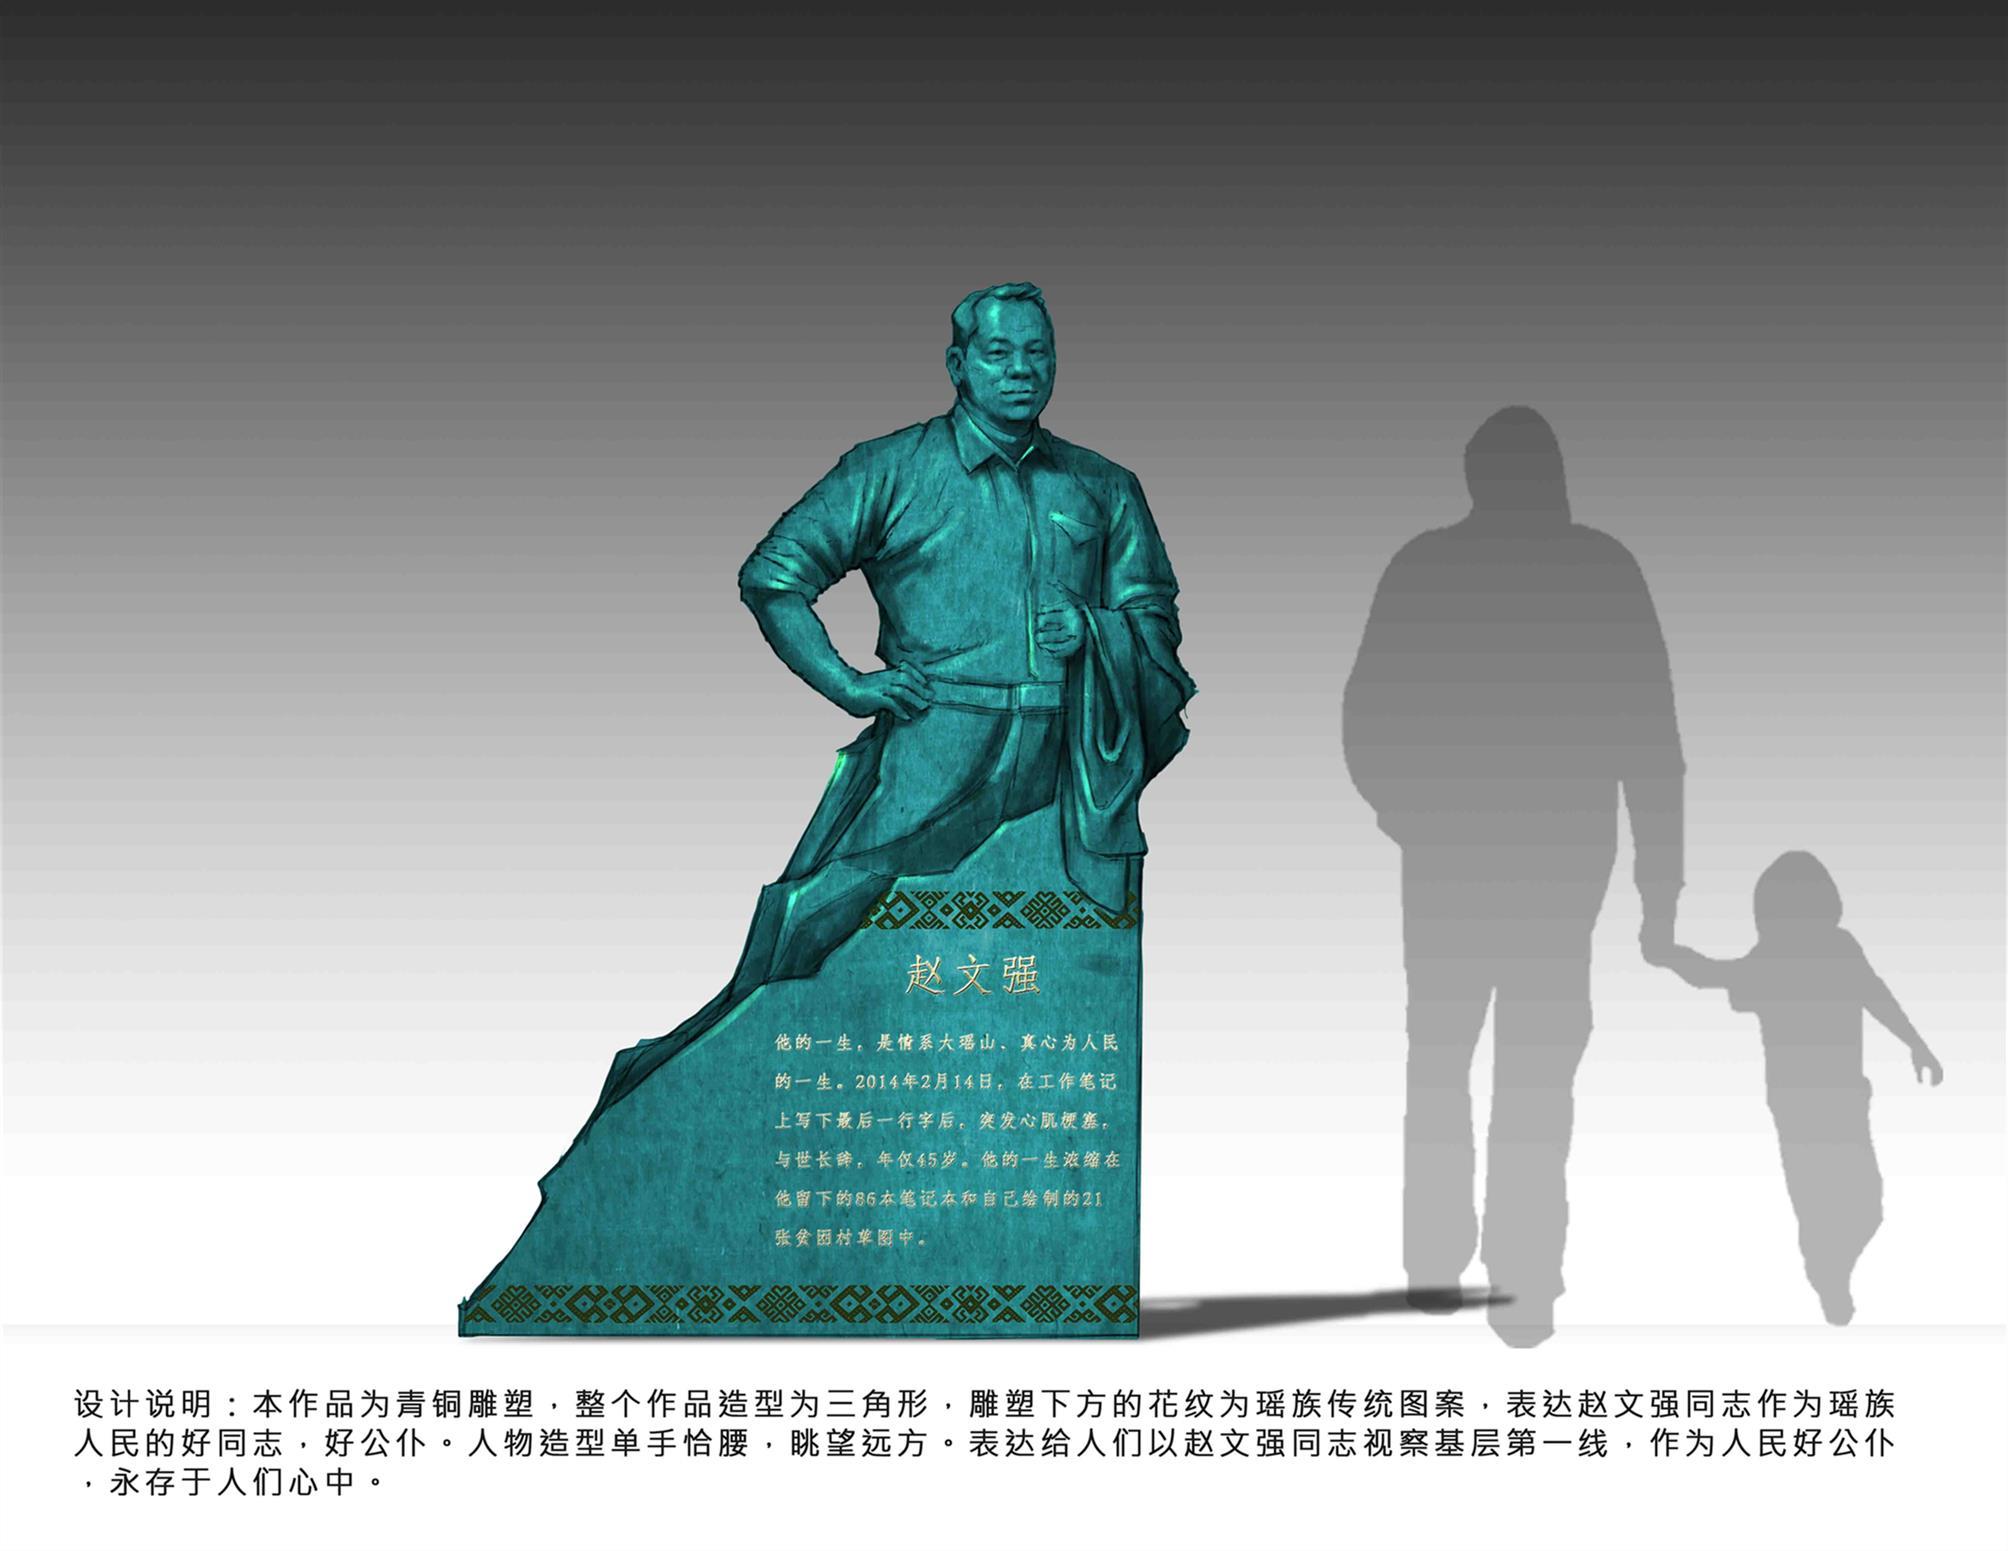 贵州雕塑厂家电话